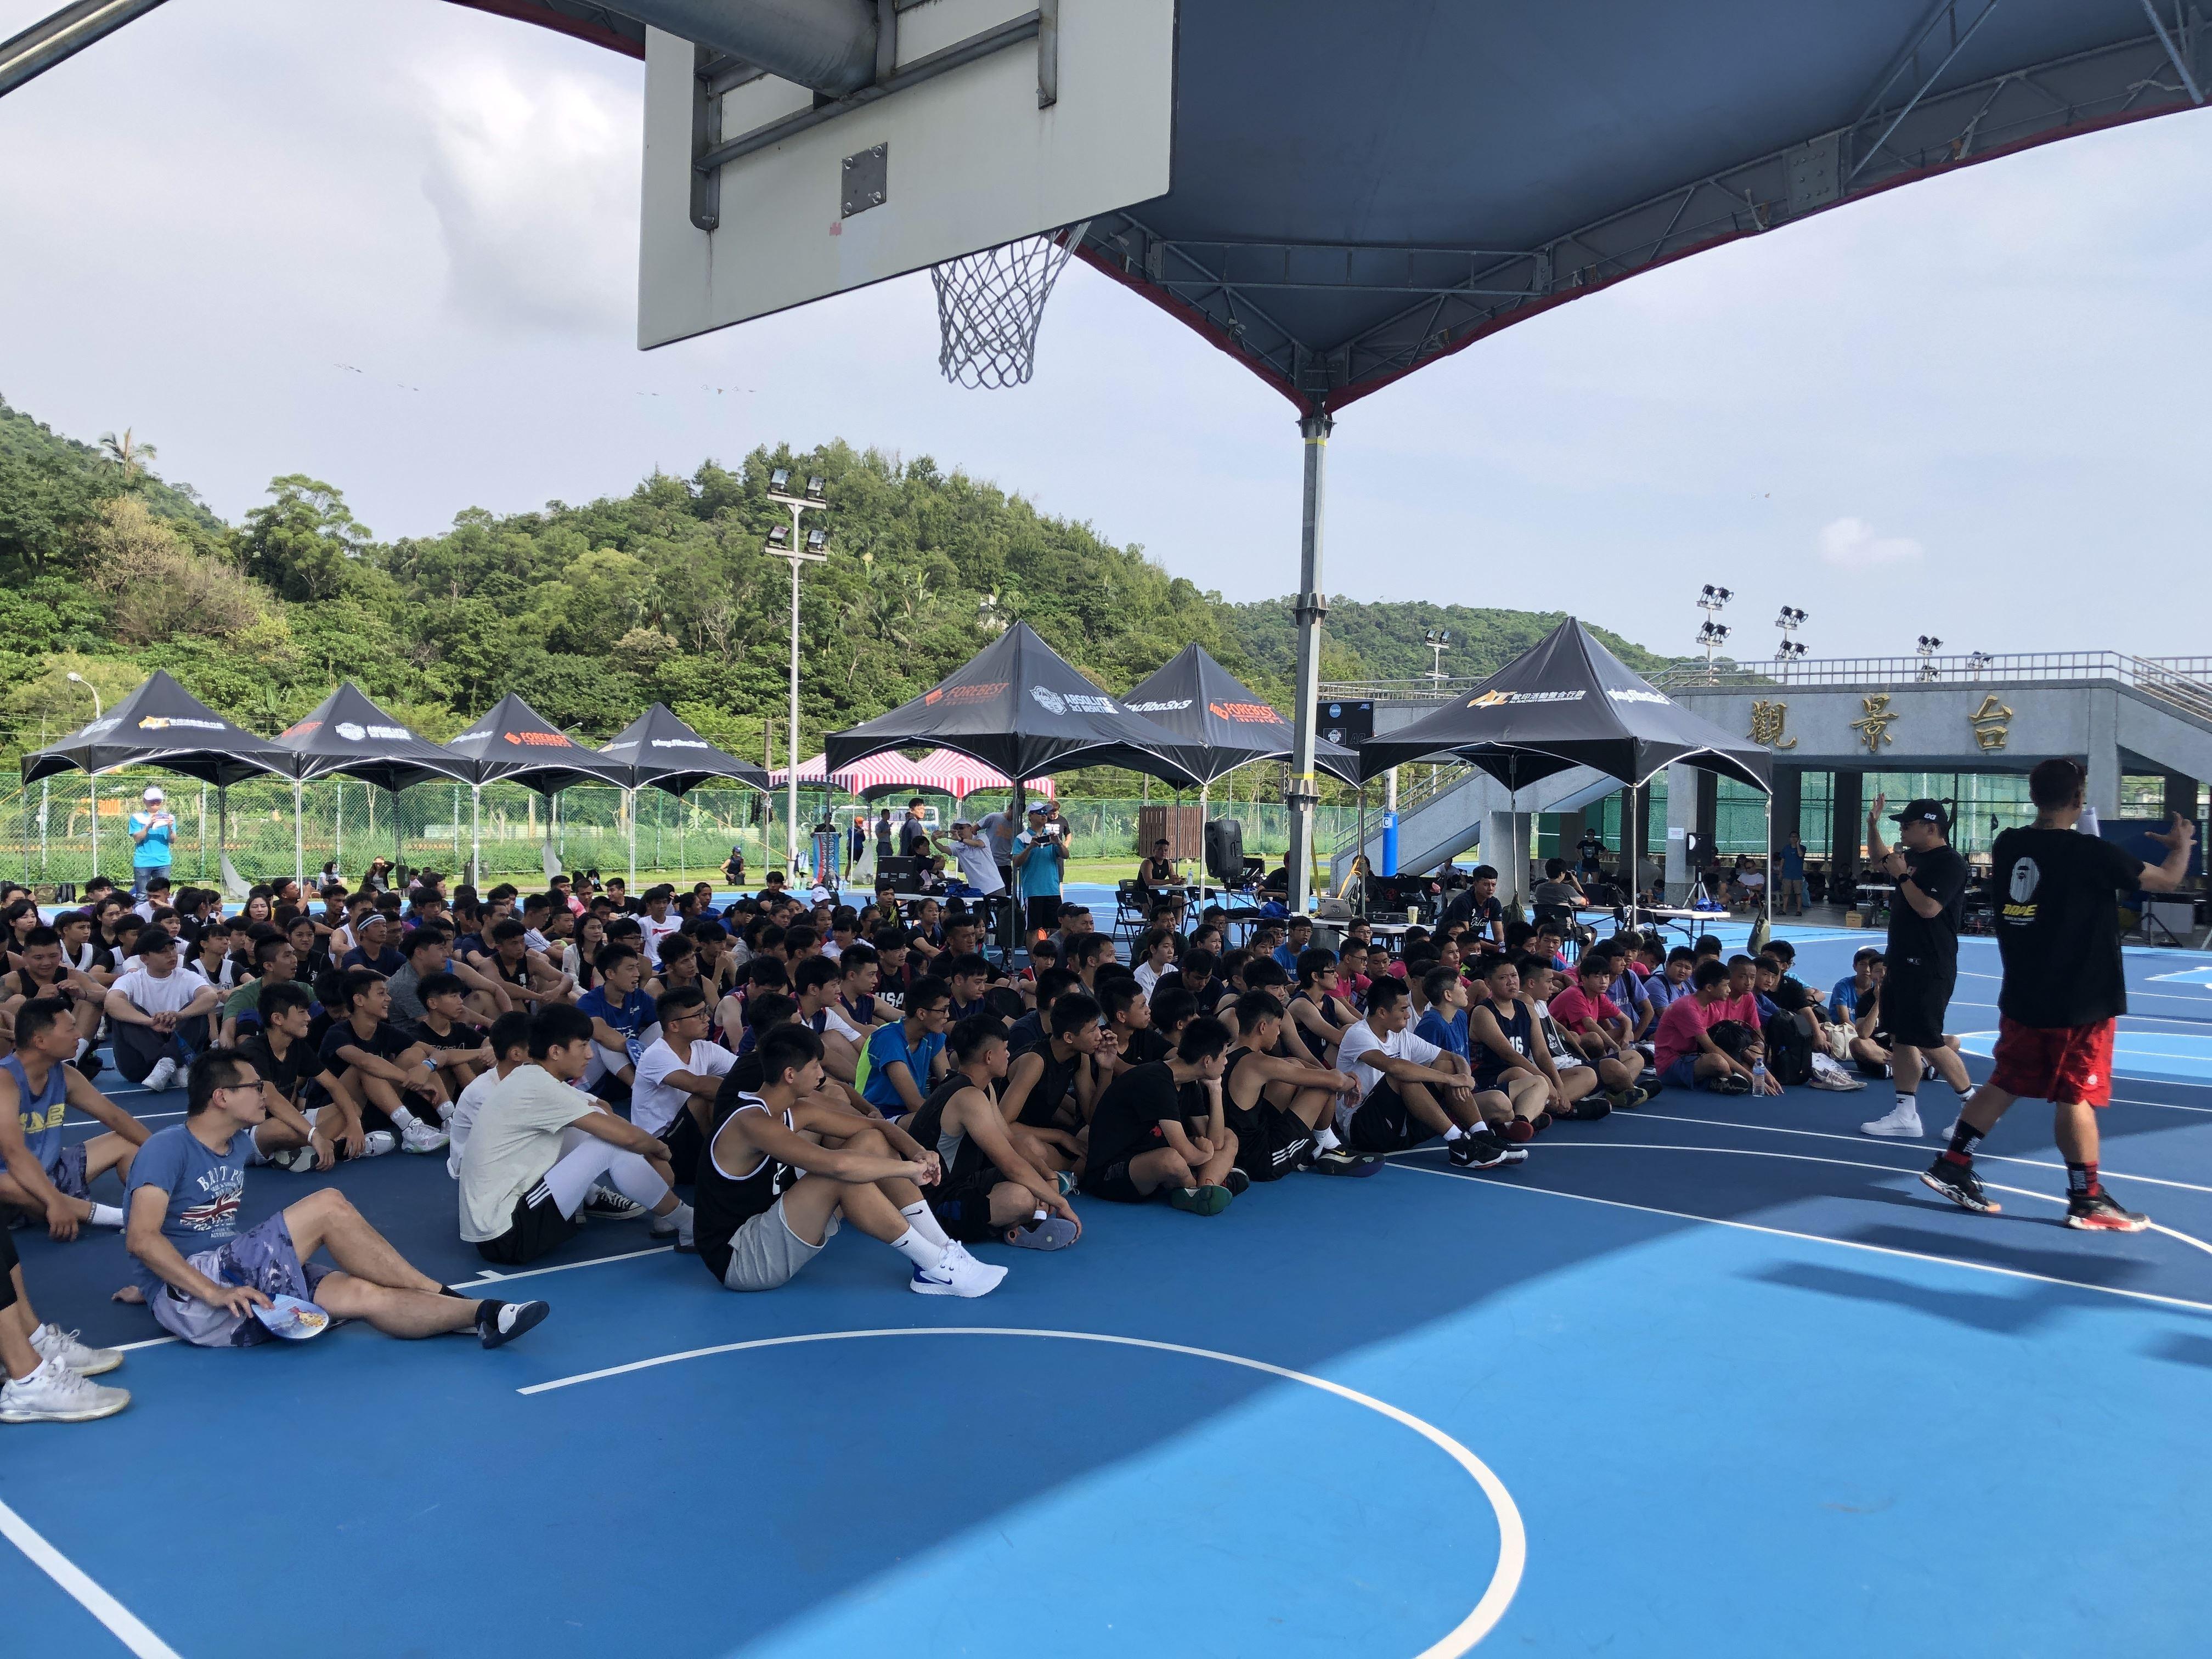 全國唯一東京奧運籃球賽A級國際裁判蘇宇燕老師執哨